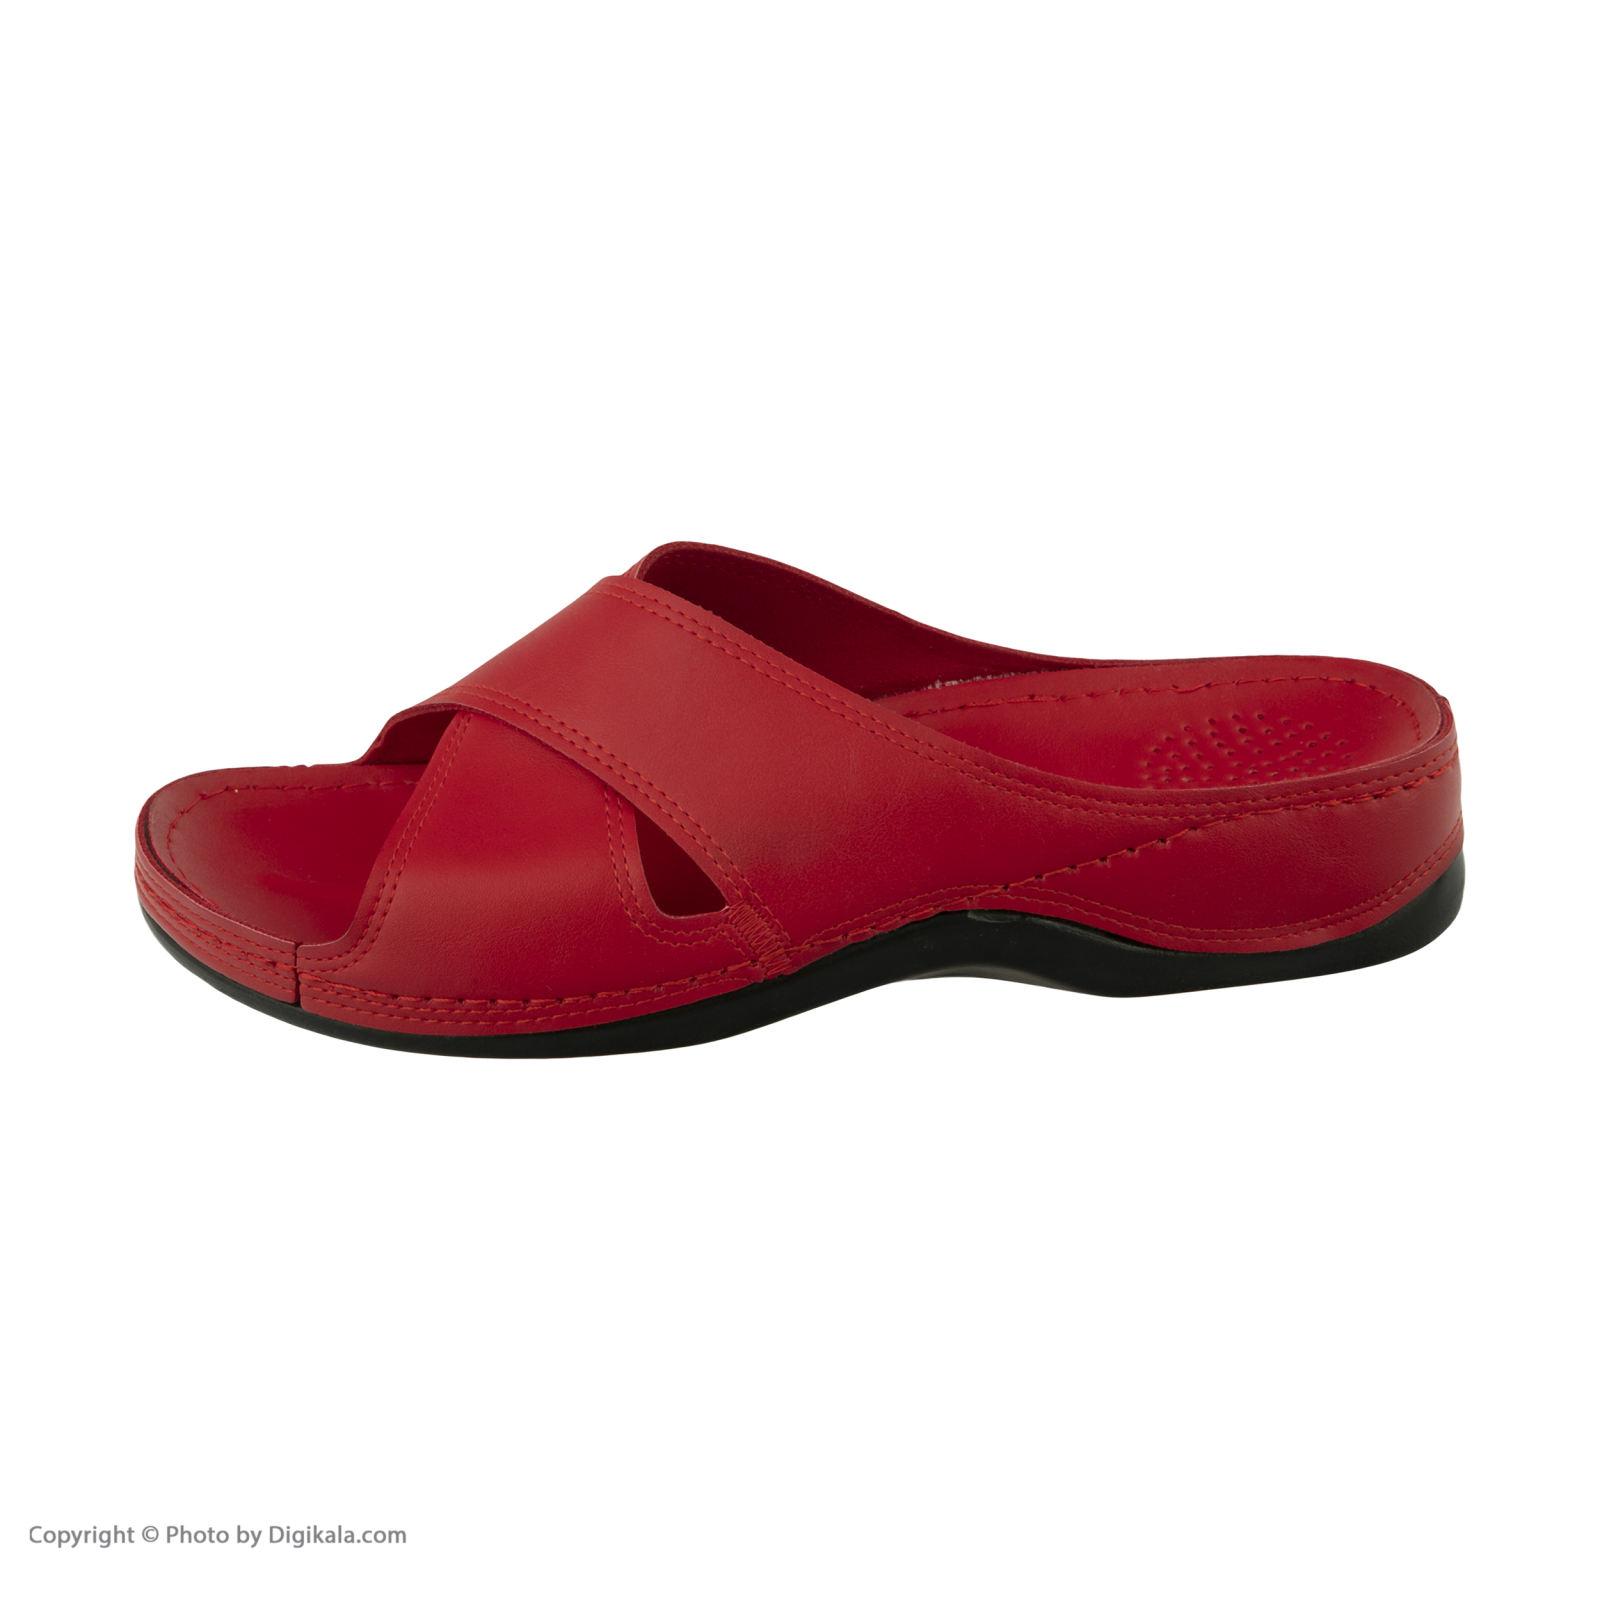 دمپایی زنانه کفش آویده کد av-0304506 رنگ قرمز -  - 8